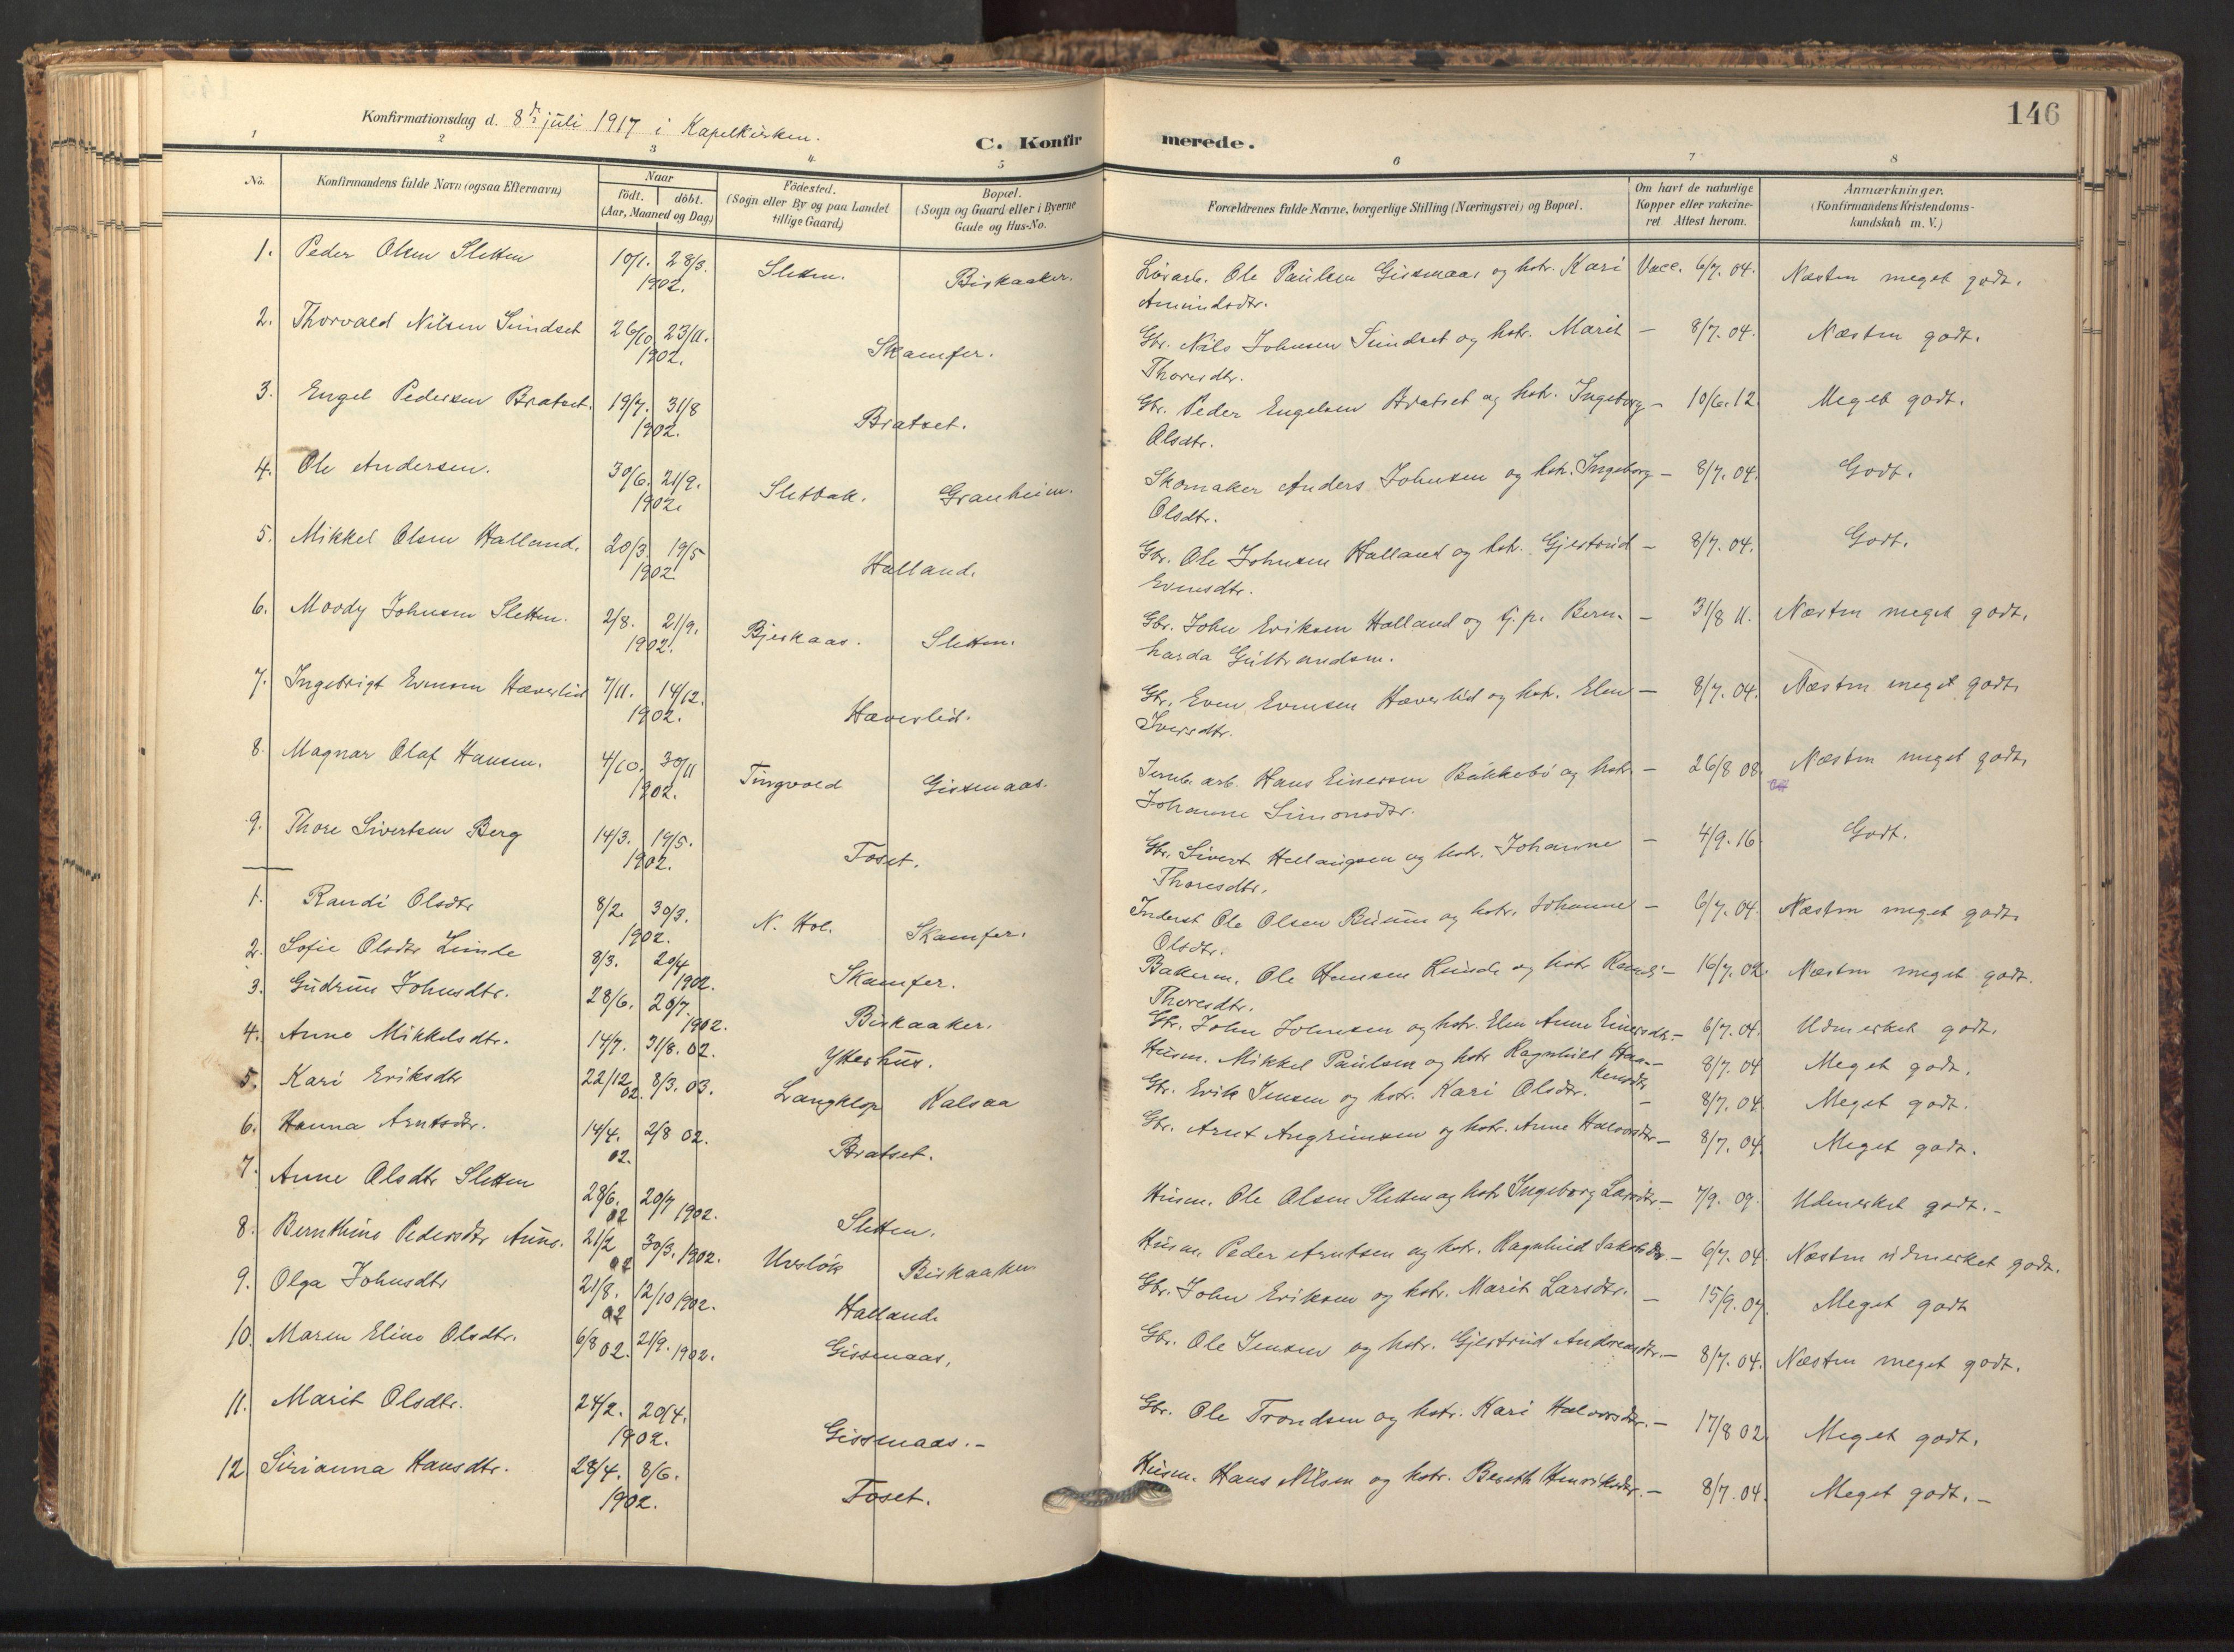 SAT, Ministerialprotokoller, klokkerbøker og fødselsregistre - Sør-Trøndelag, 674/L0873: Ministerialbok nr. 674A05, 1908-1923, s. 146